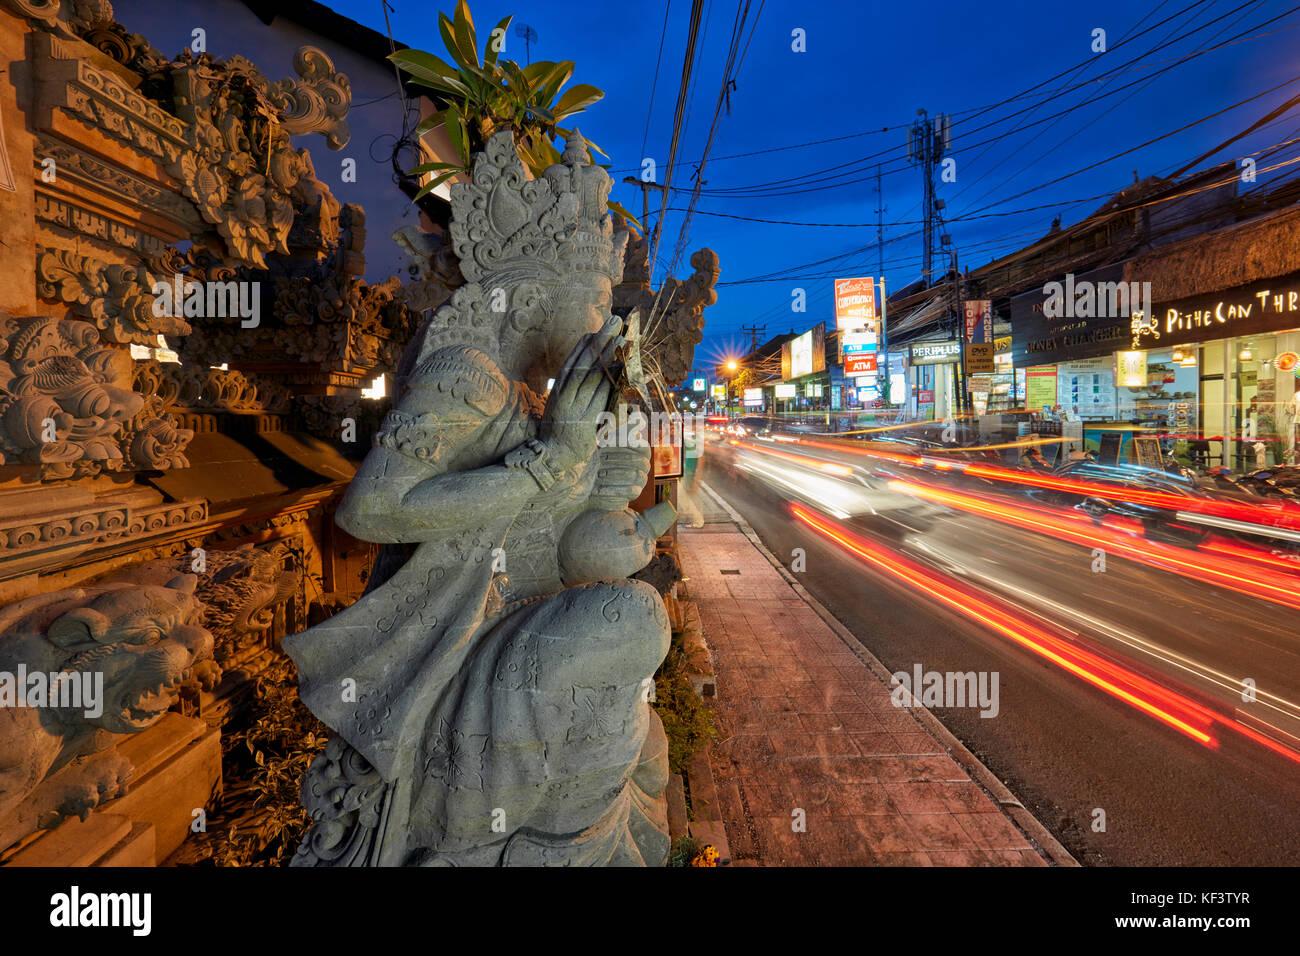 Jalan Raya Street illuminated at dusk. Ubud, Bali, Indonesia. - Stock Image